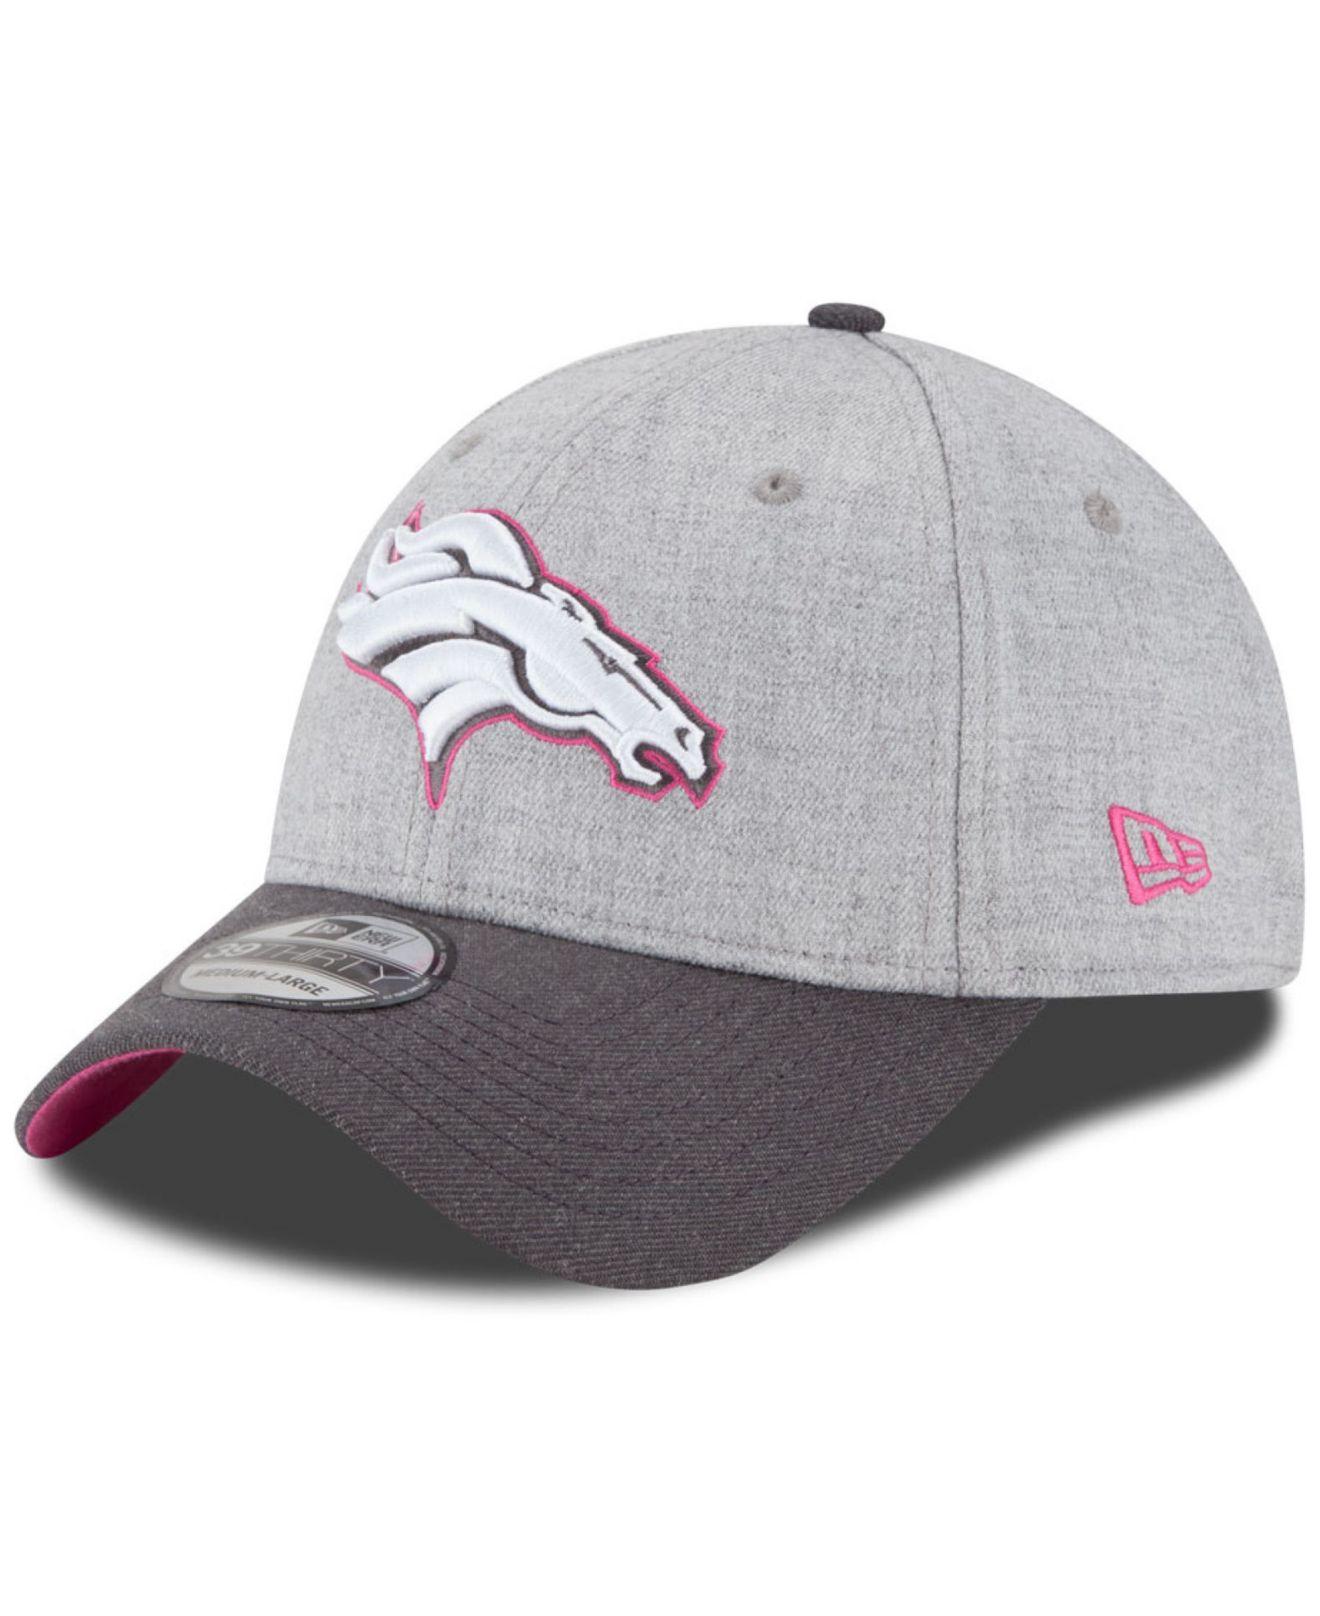 quality design 59d5d e9881 Women's Gray Denver Broncos Breast Cancer Awareness 39thirty Cap